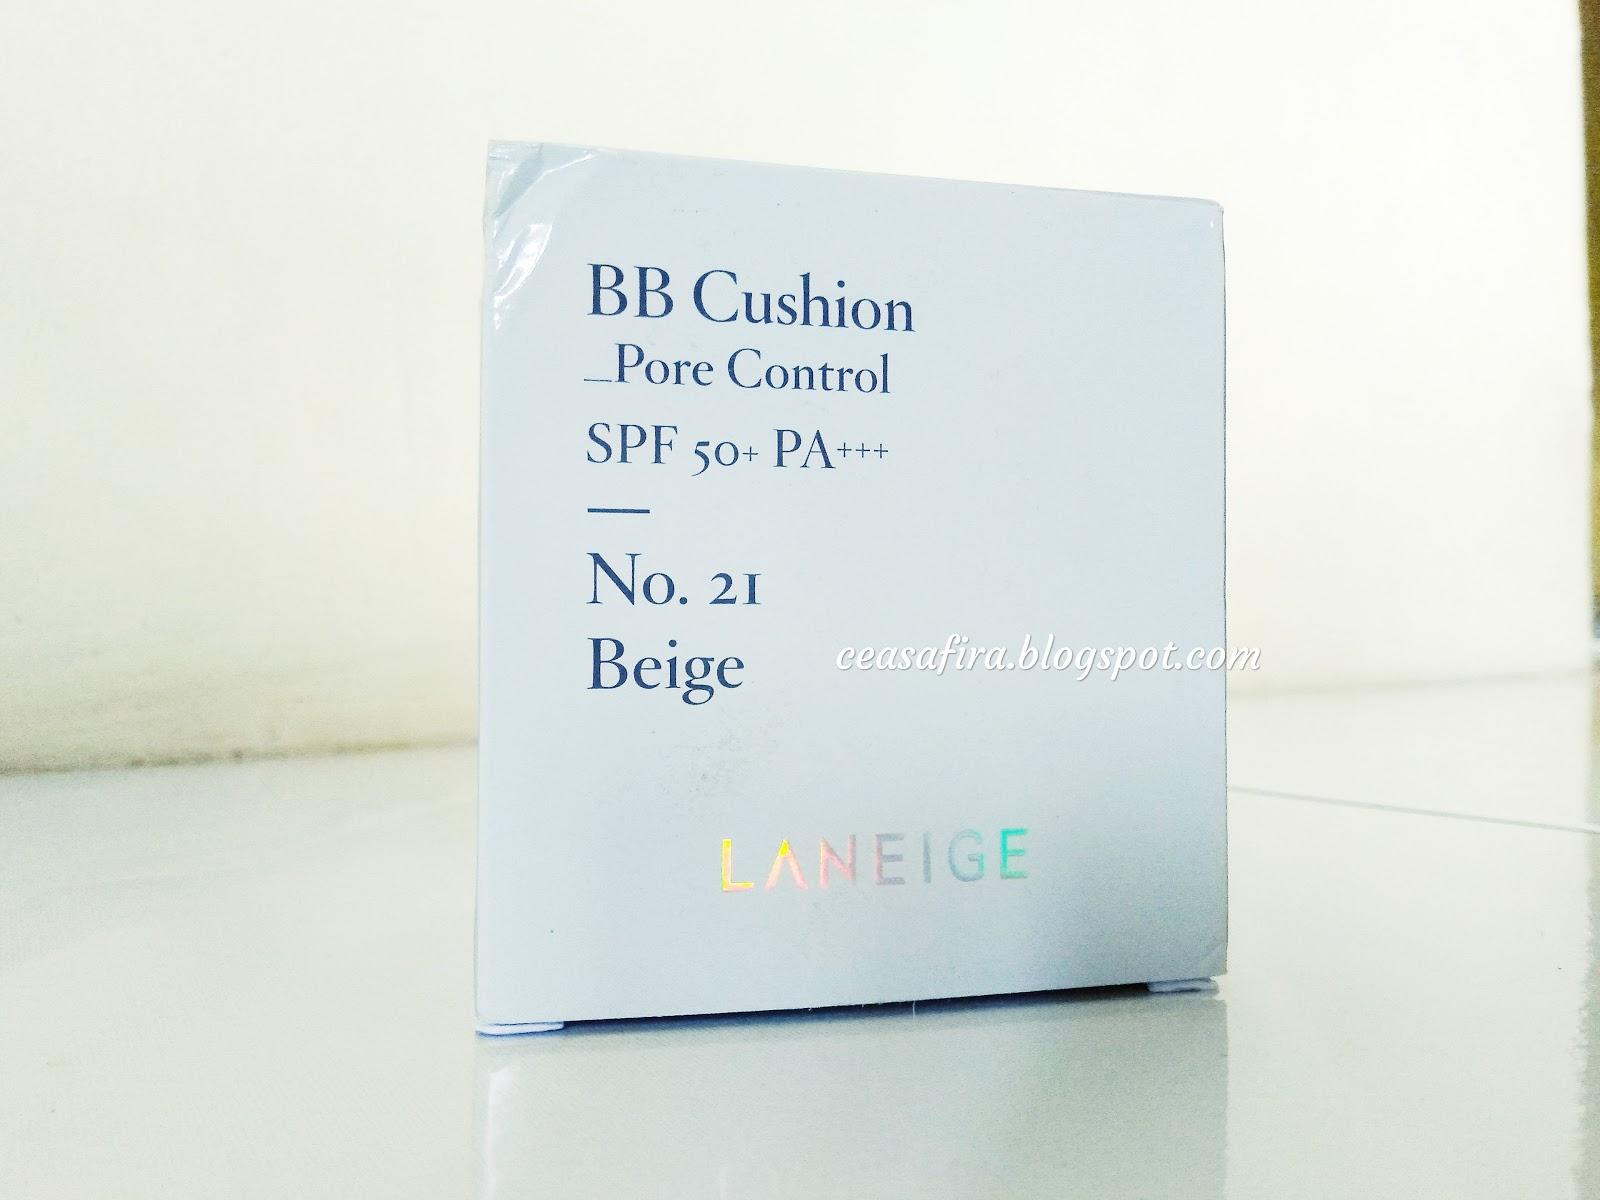 Laneige Pore Control Bb Cushion No 21 23 A Review Tulas Tulis